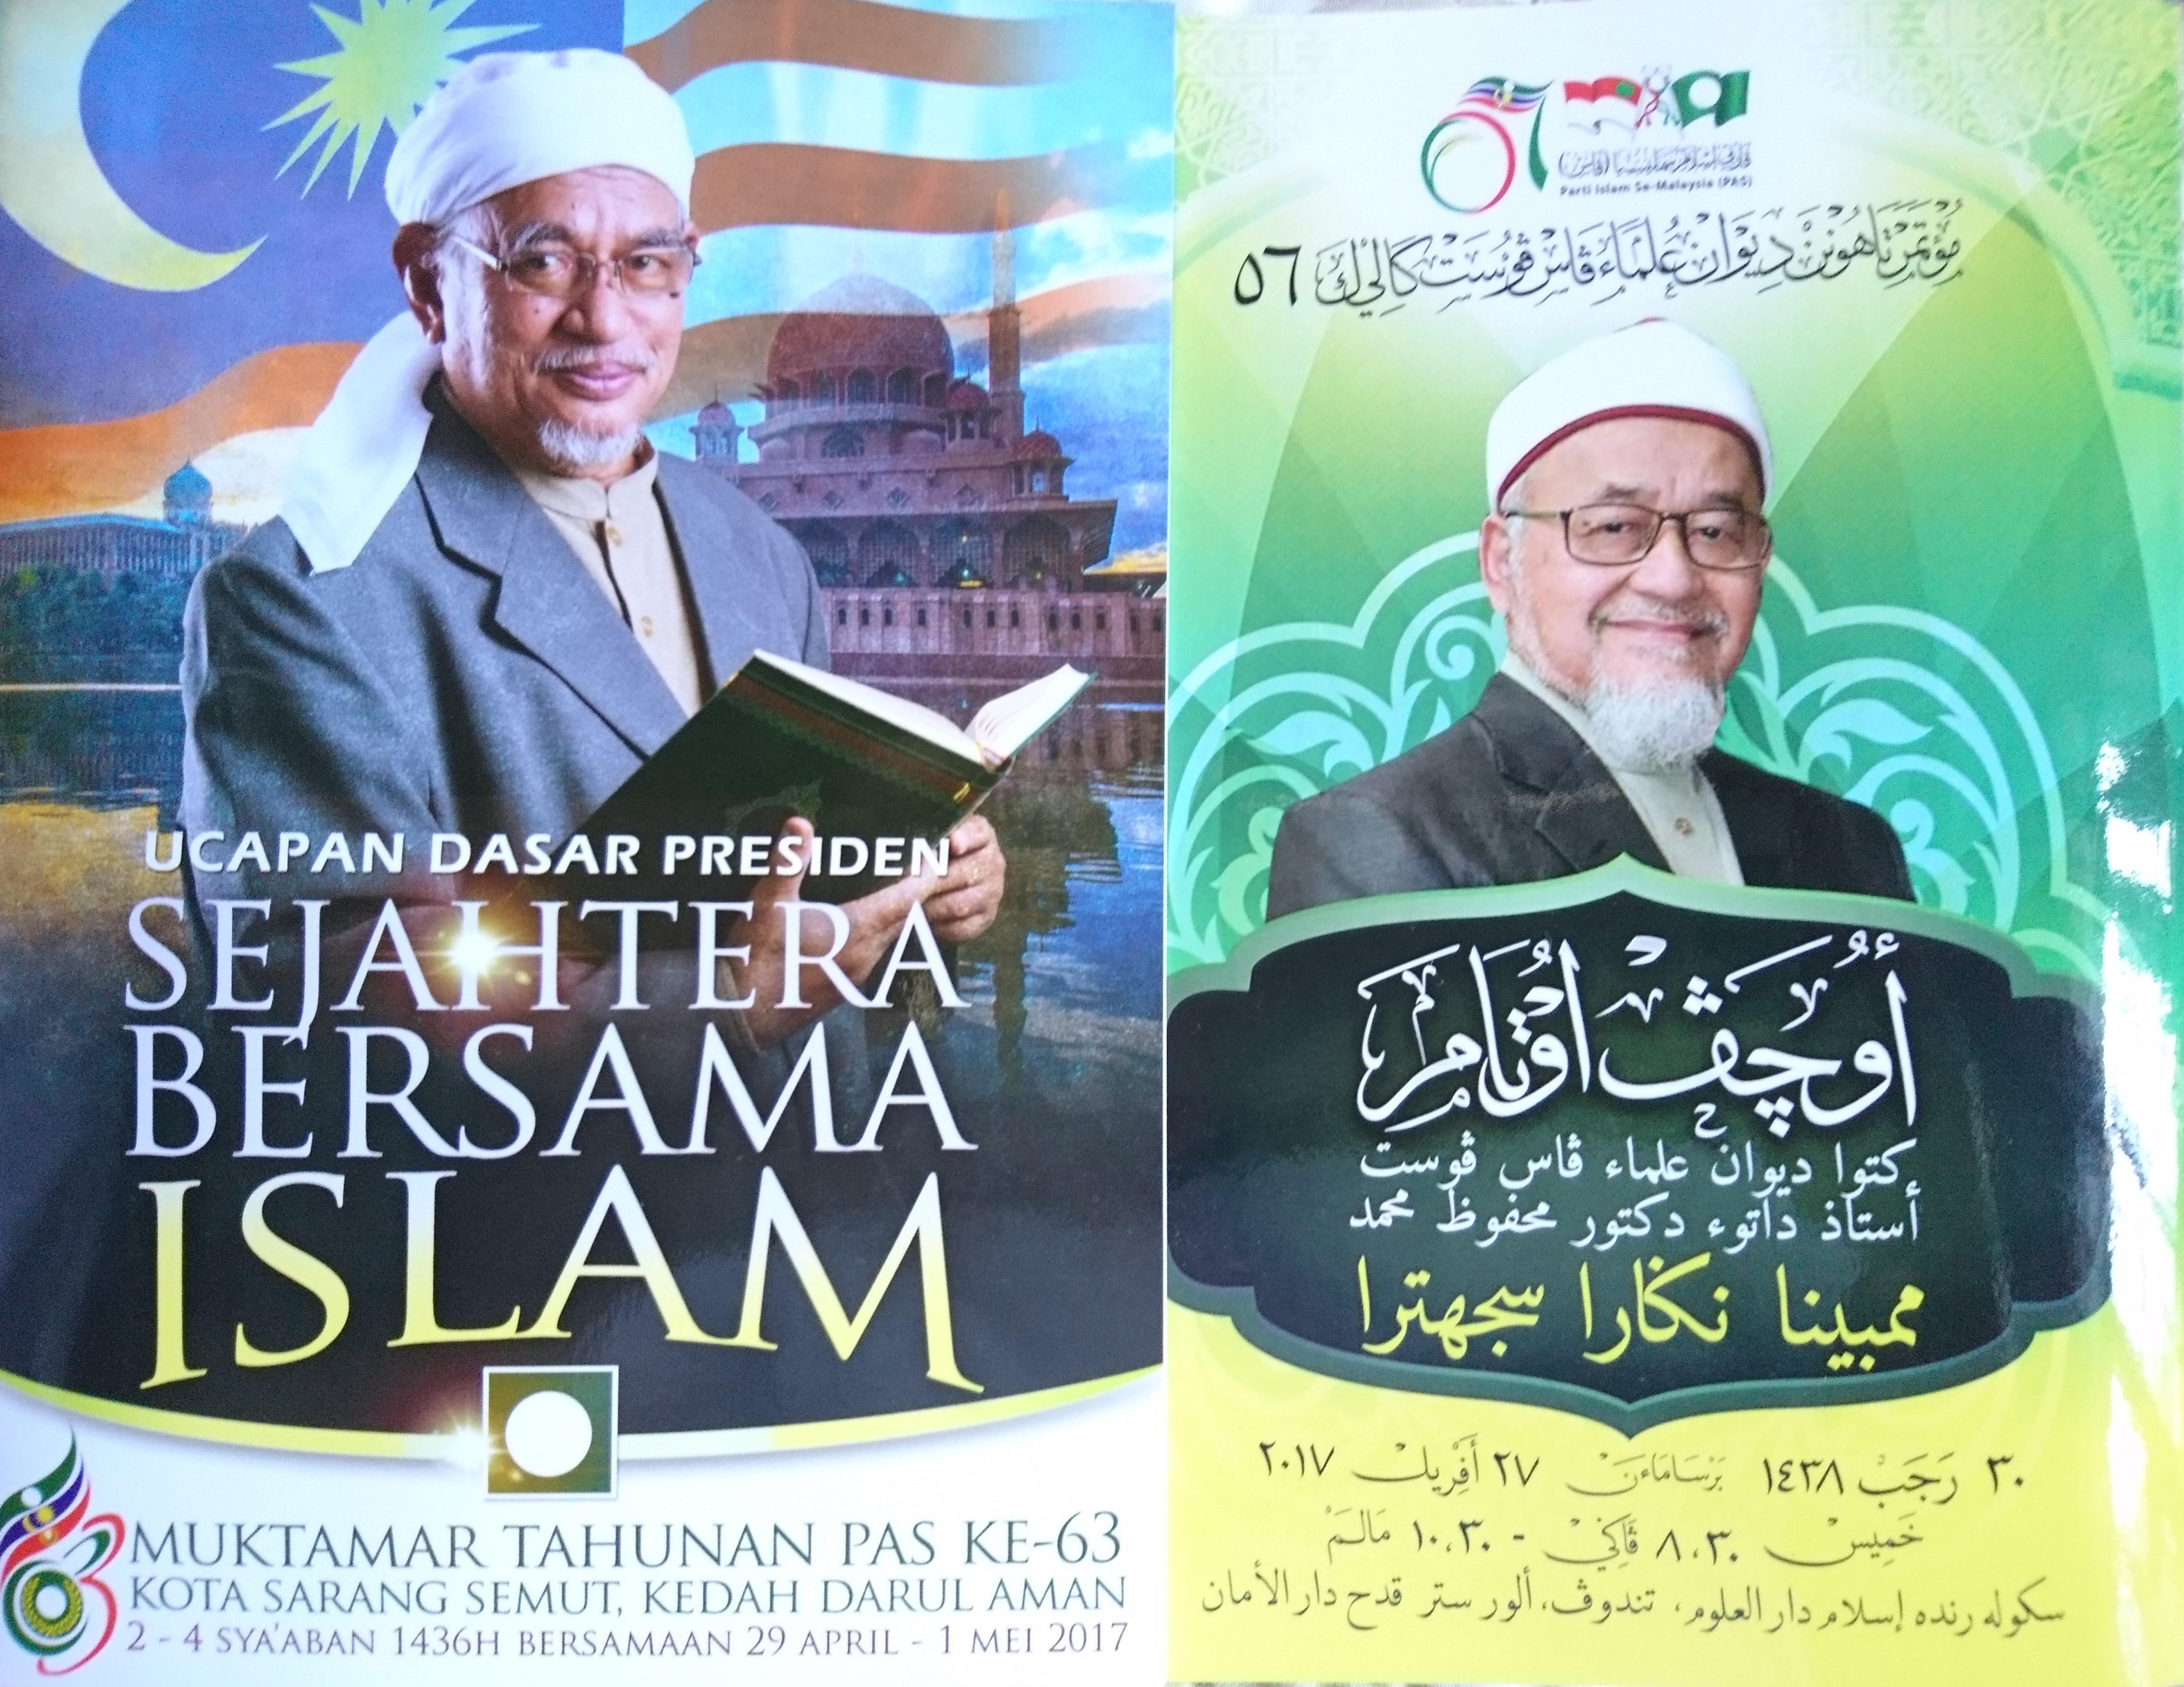 membina negara sejahtera, sejahtera bersama Islam